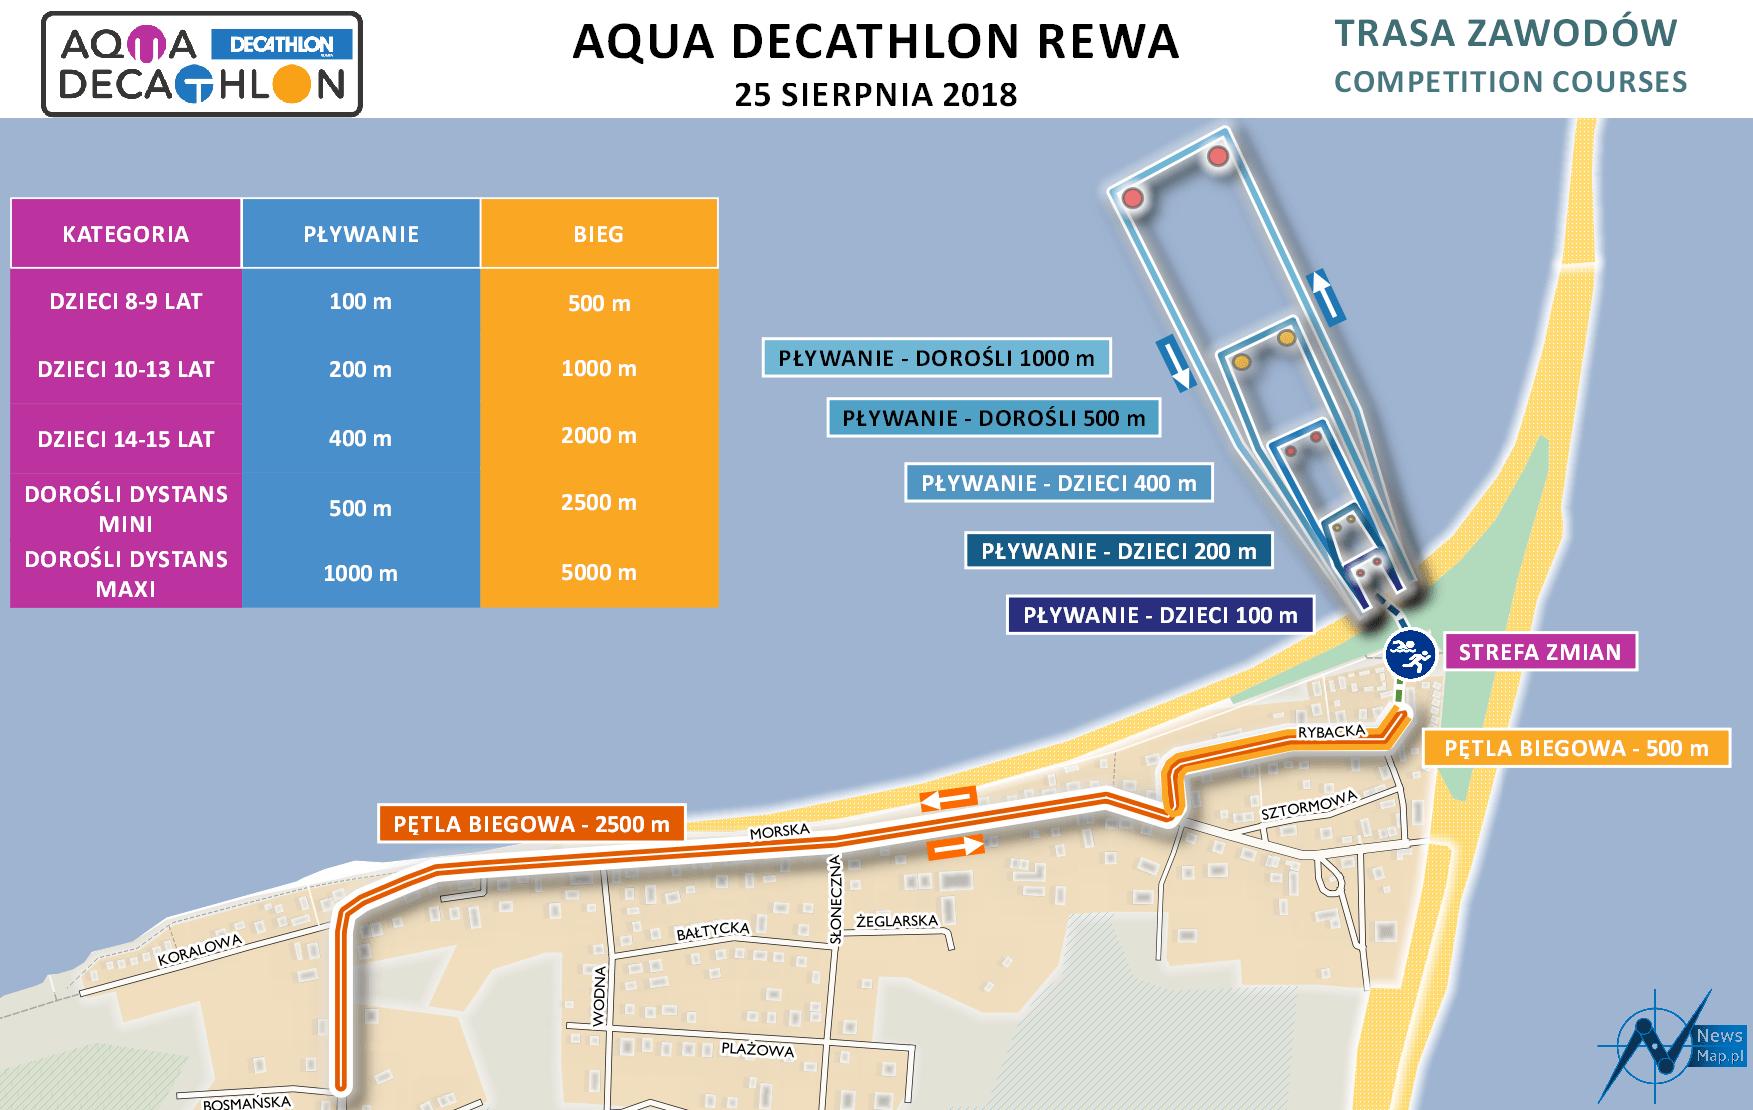 Mapa statyczna AquaDecathlon Rewa 2018 (on-line)